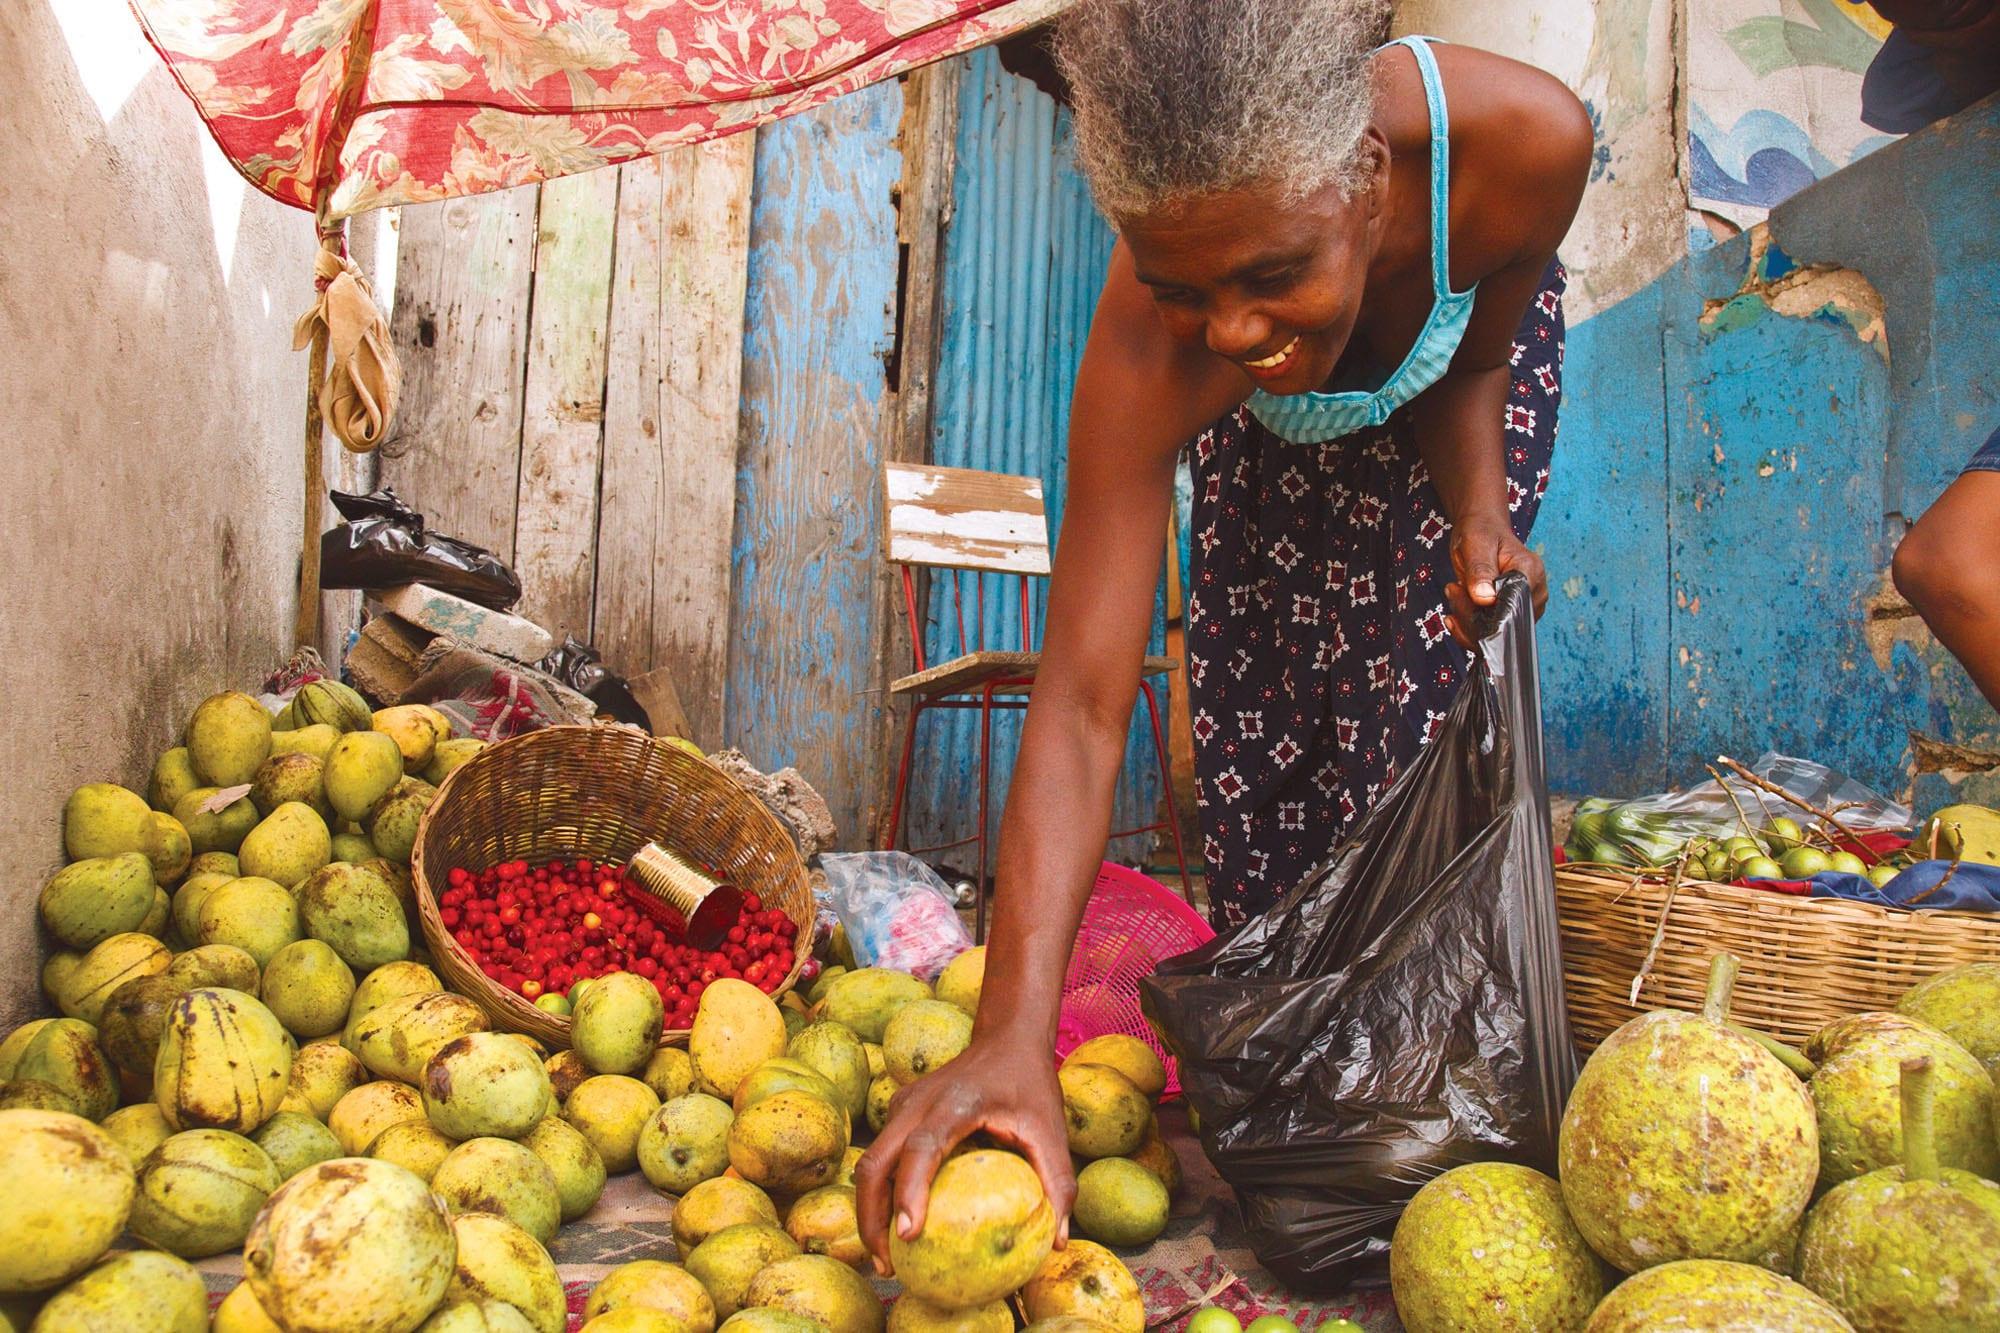 A woman sells mangoes in Haiti